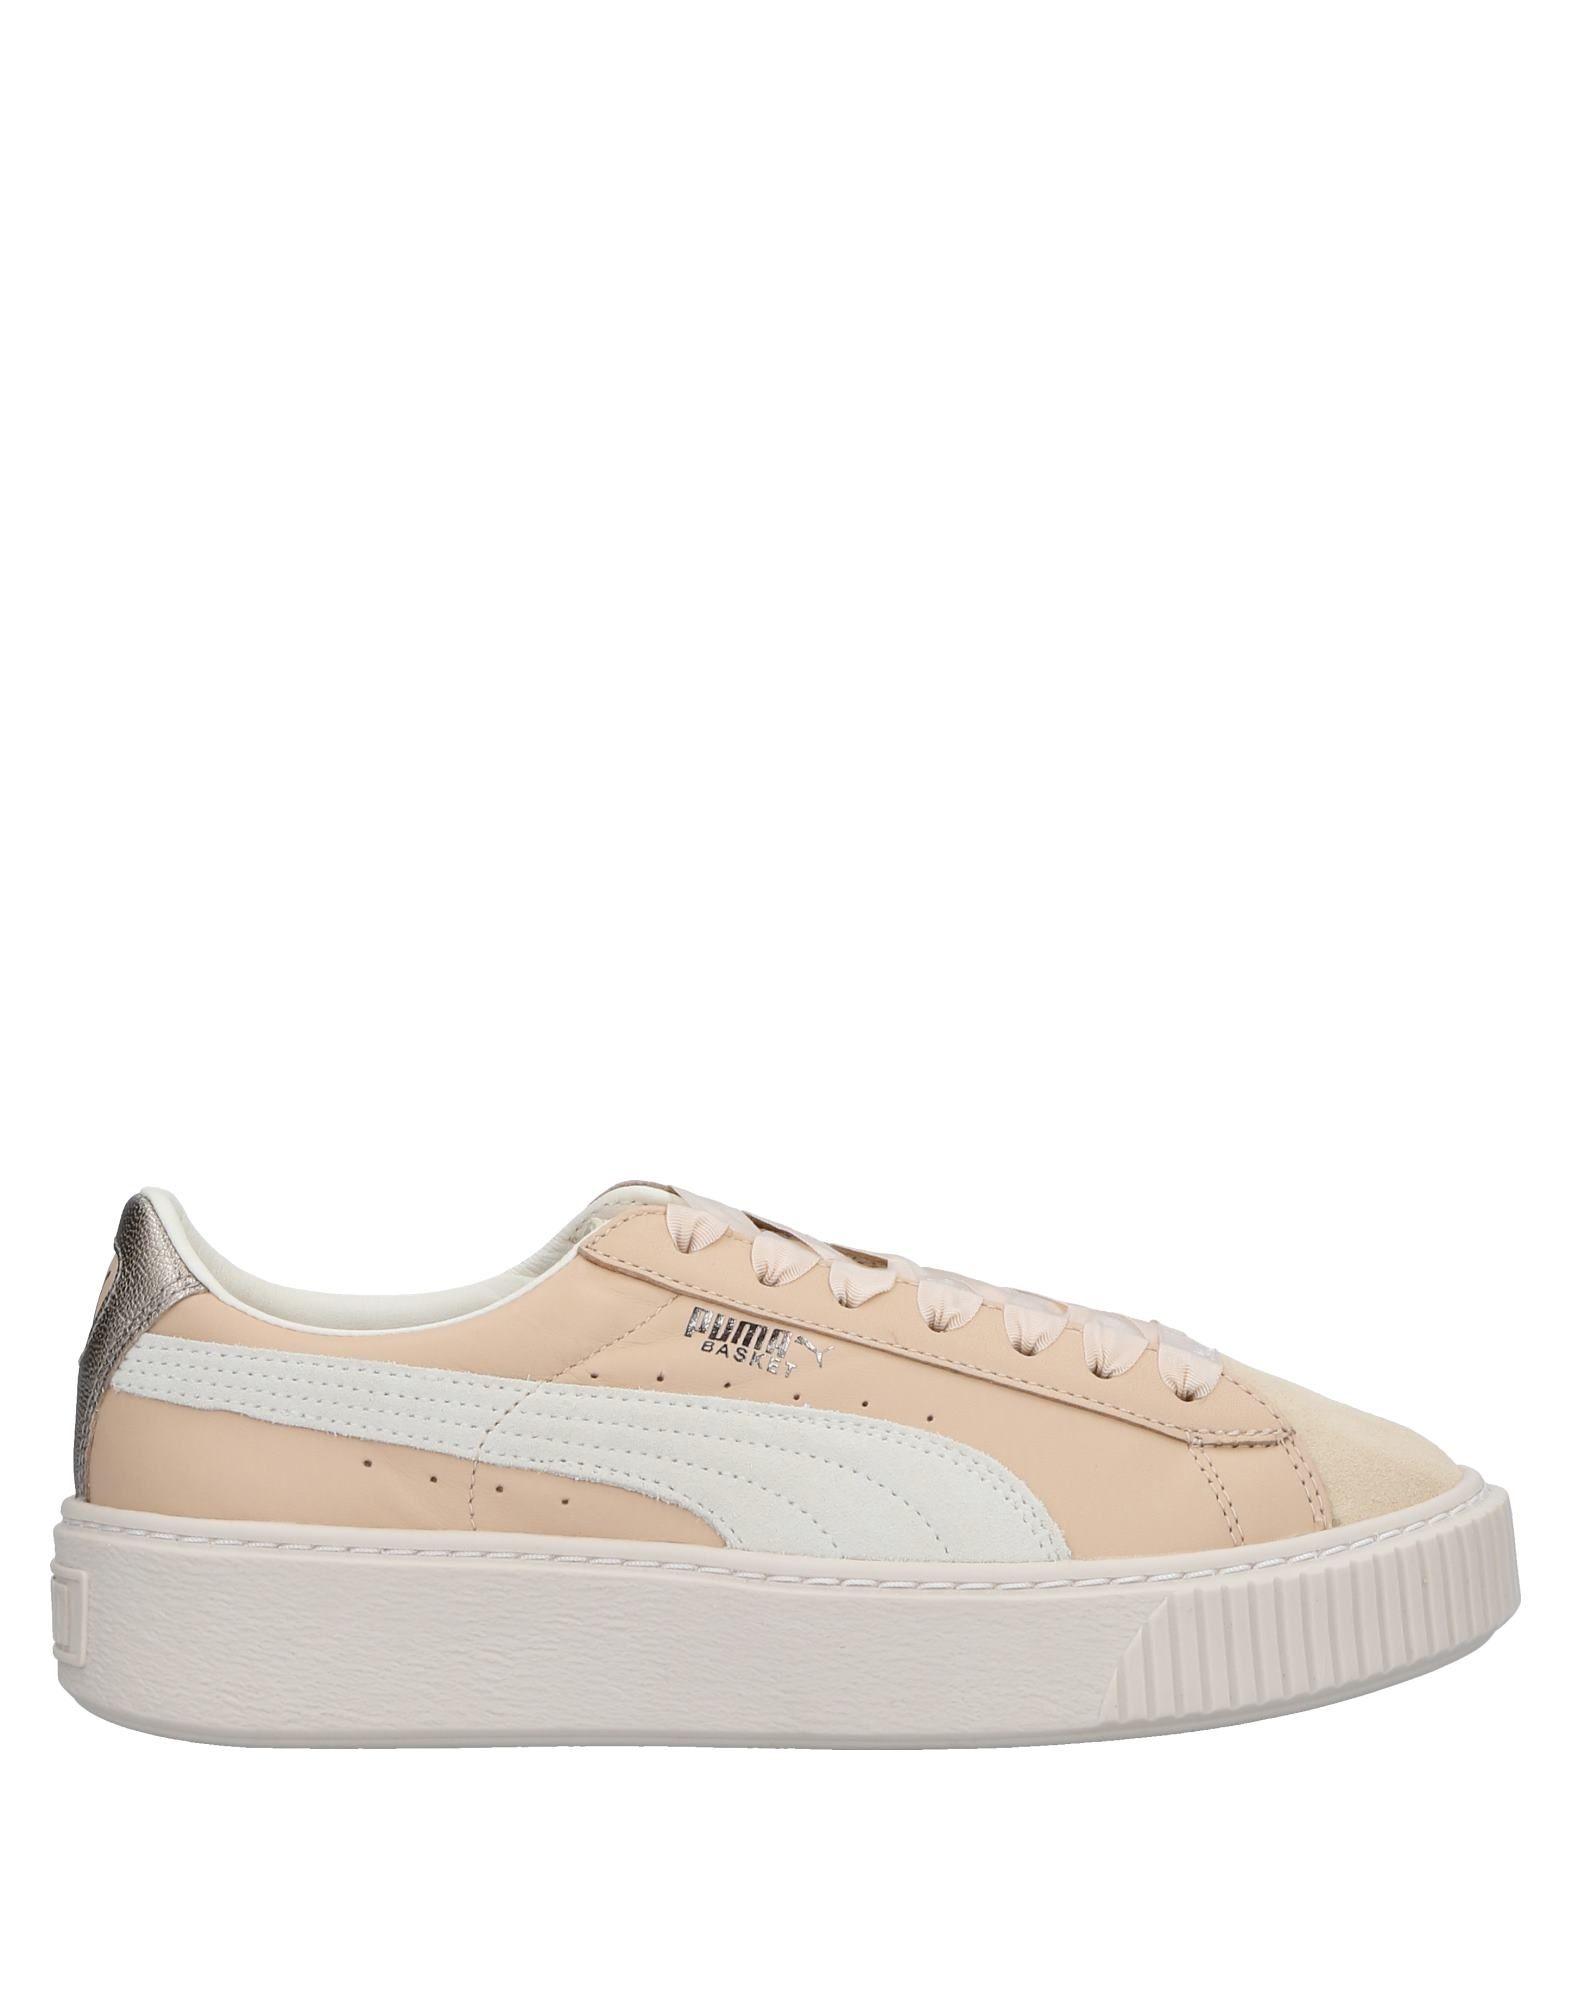 Puma Sneakers Damen  11521254JD Gute Qualität beliebte Schuhe